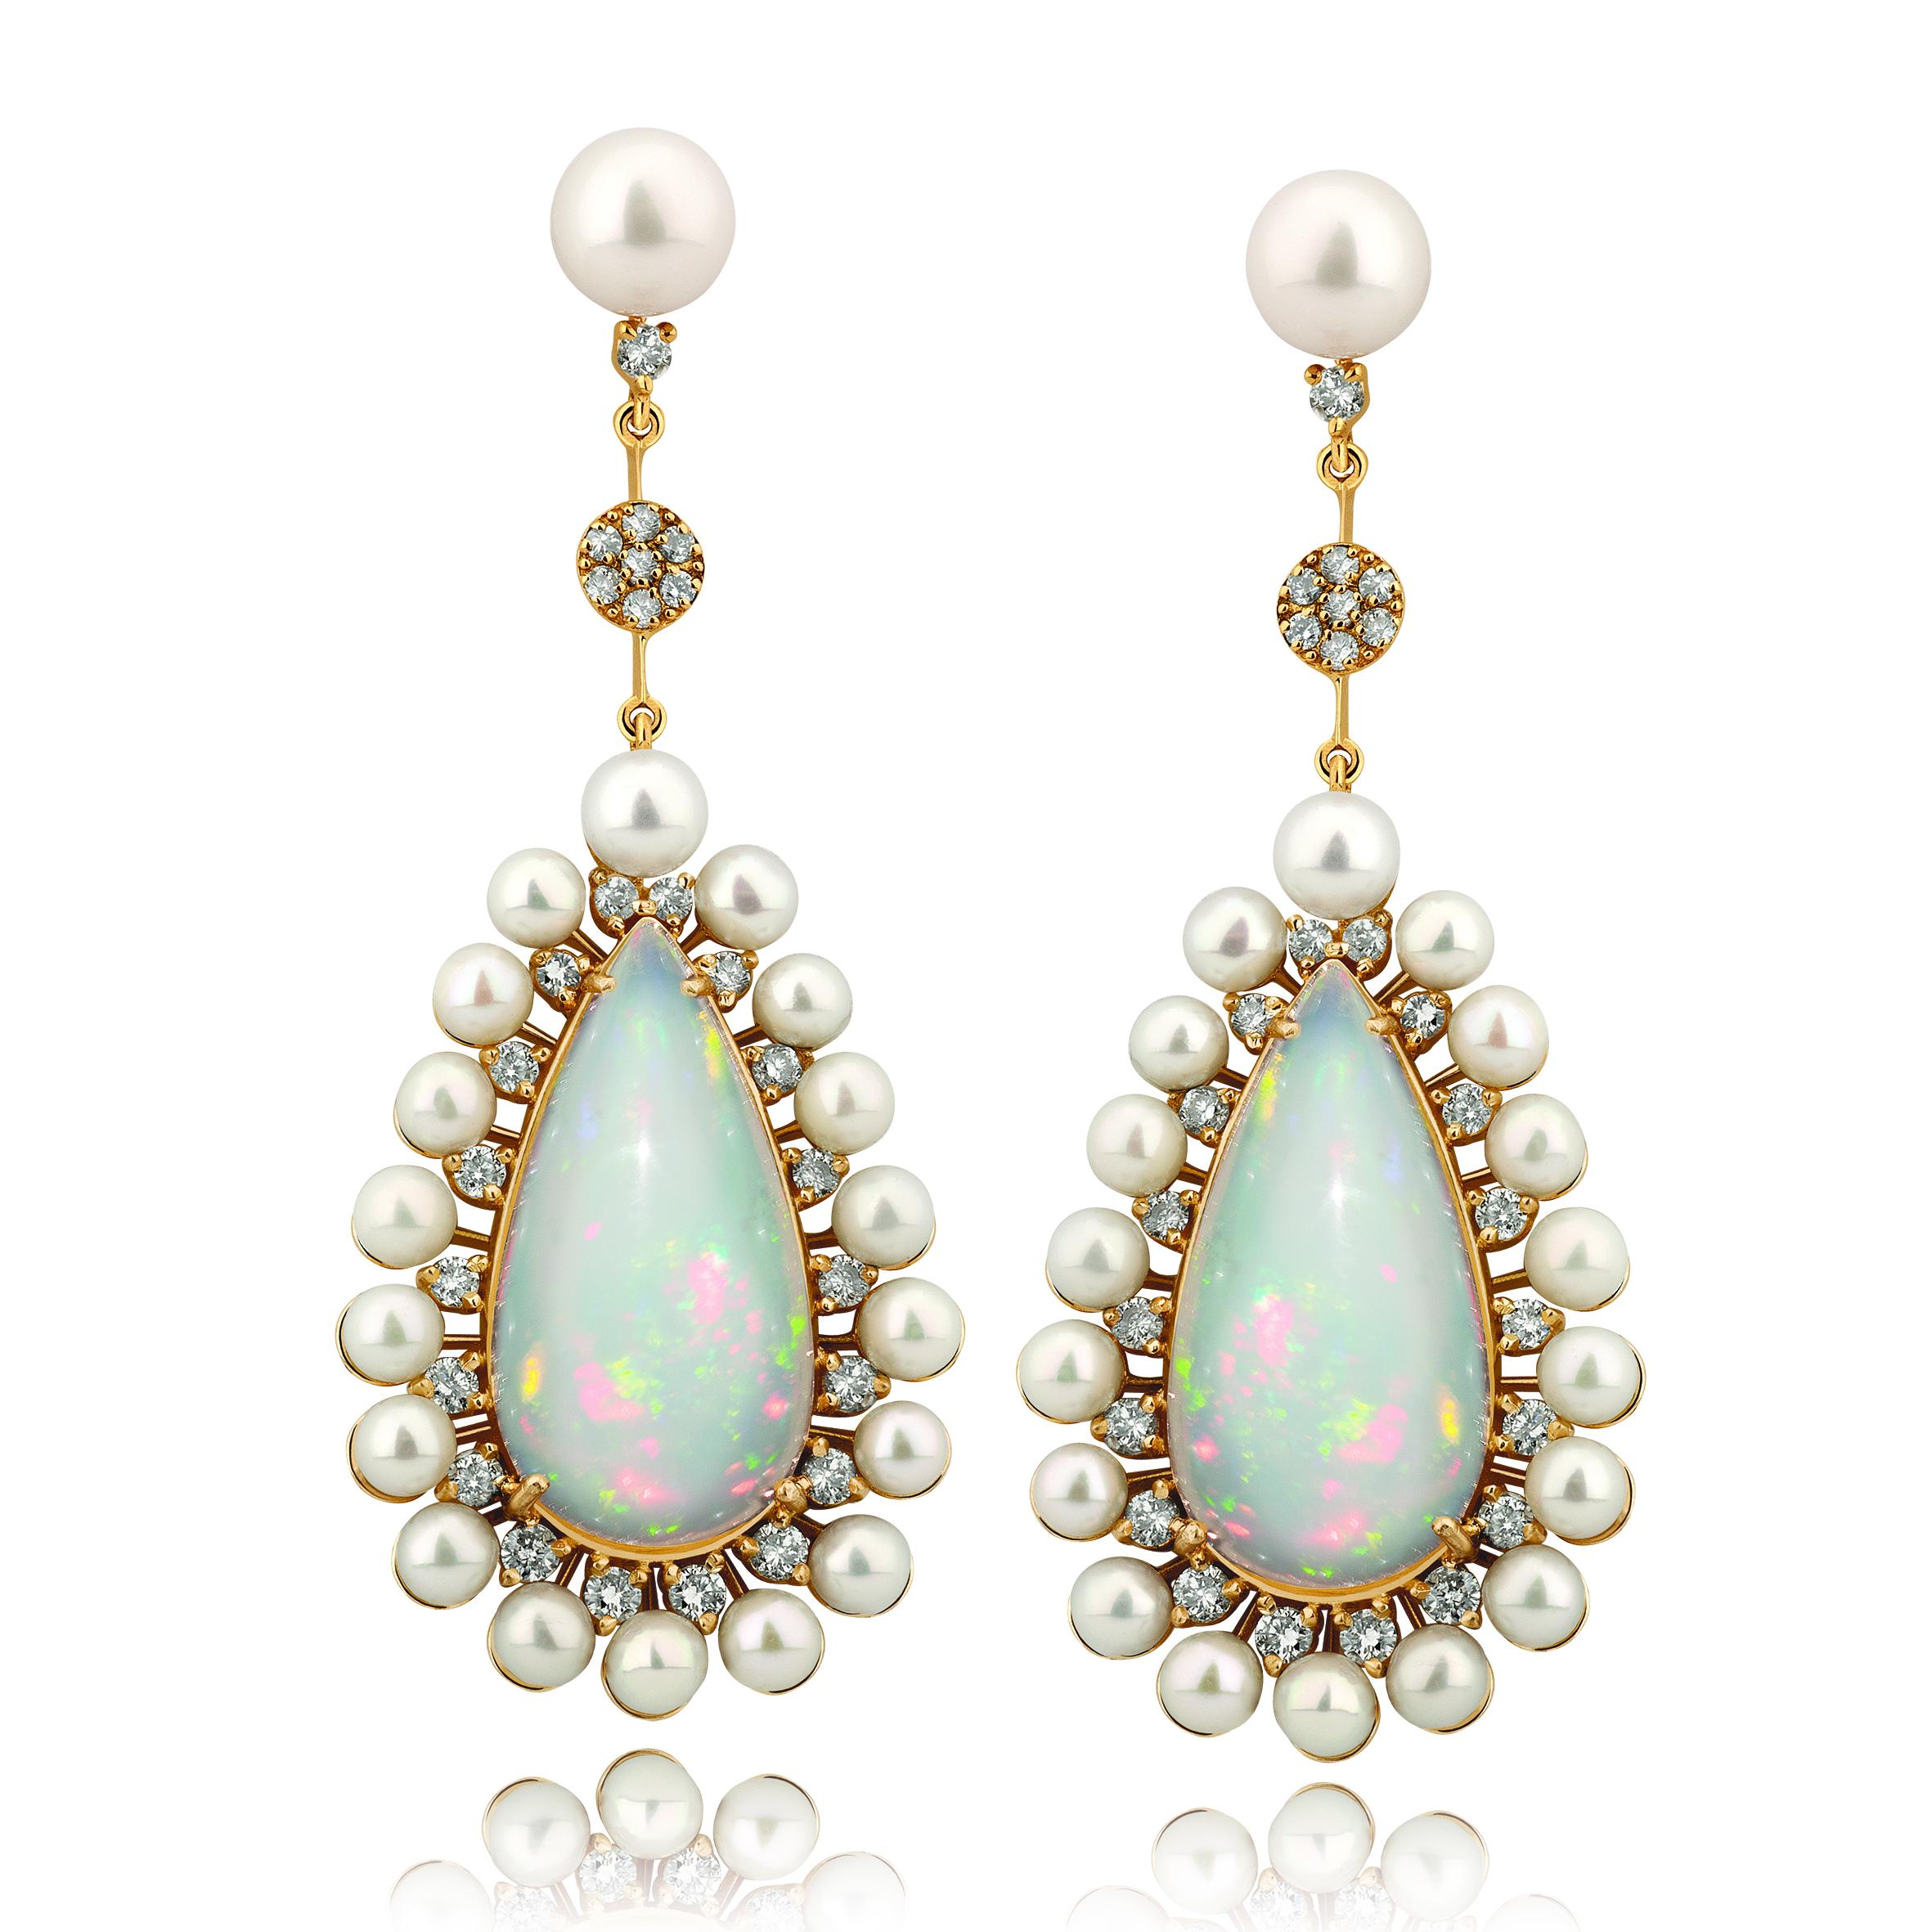 Brincos de pérolas com opalas e diamantes da Benne Fatto